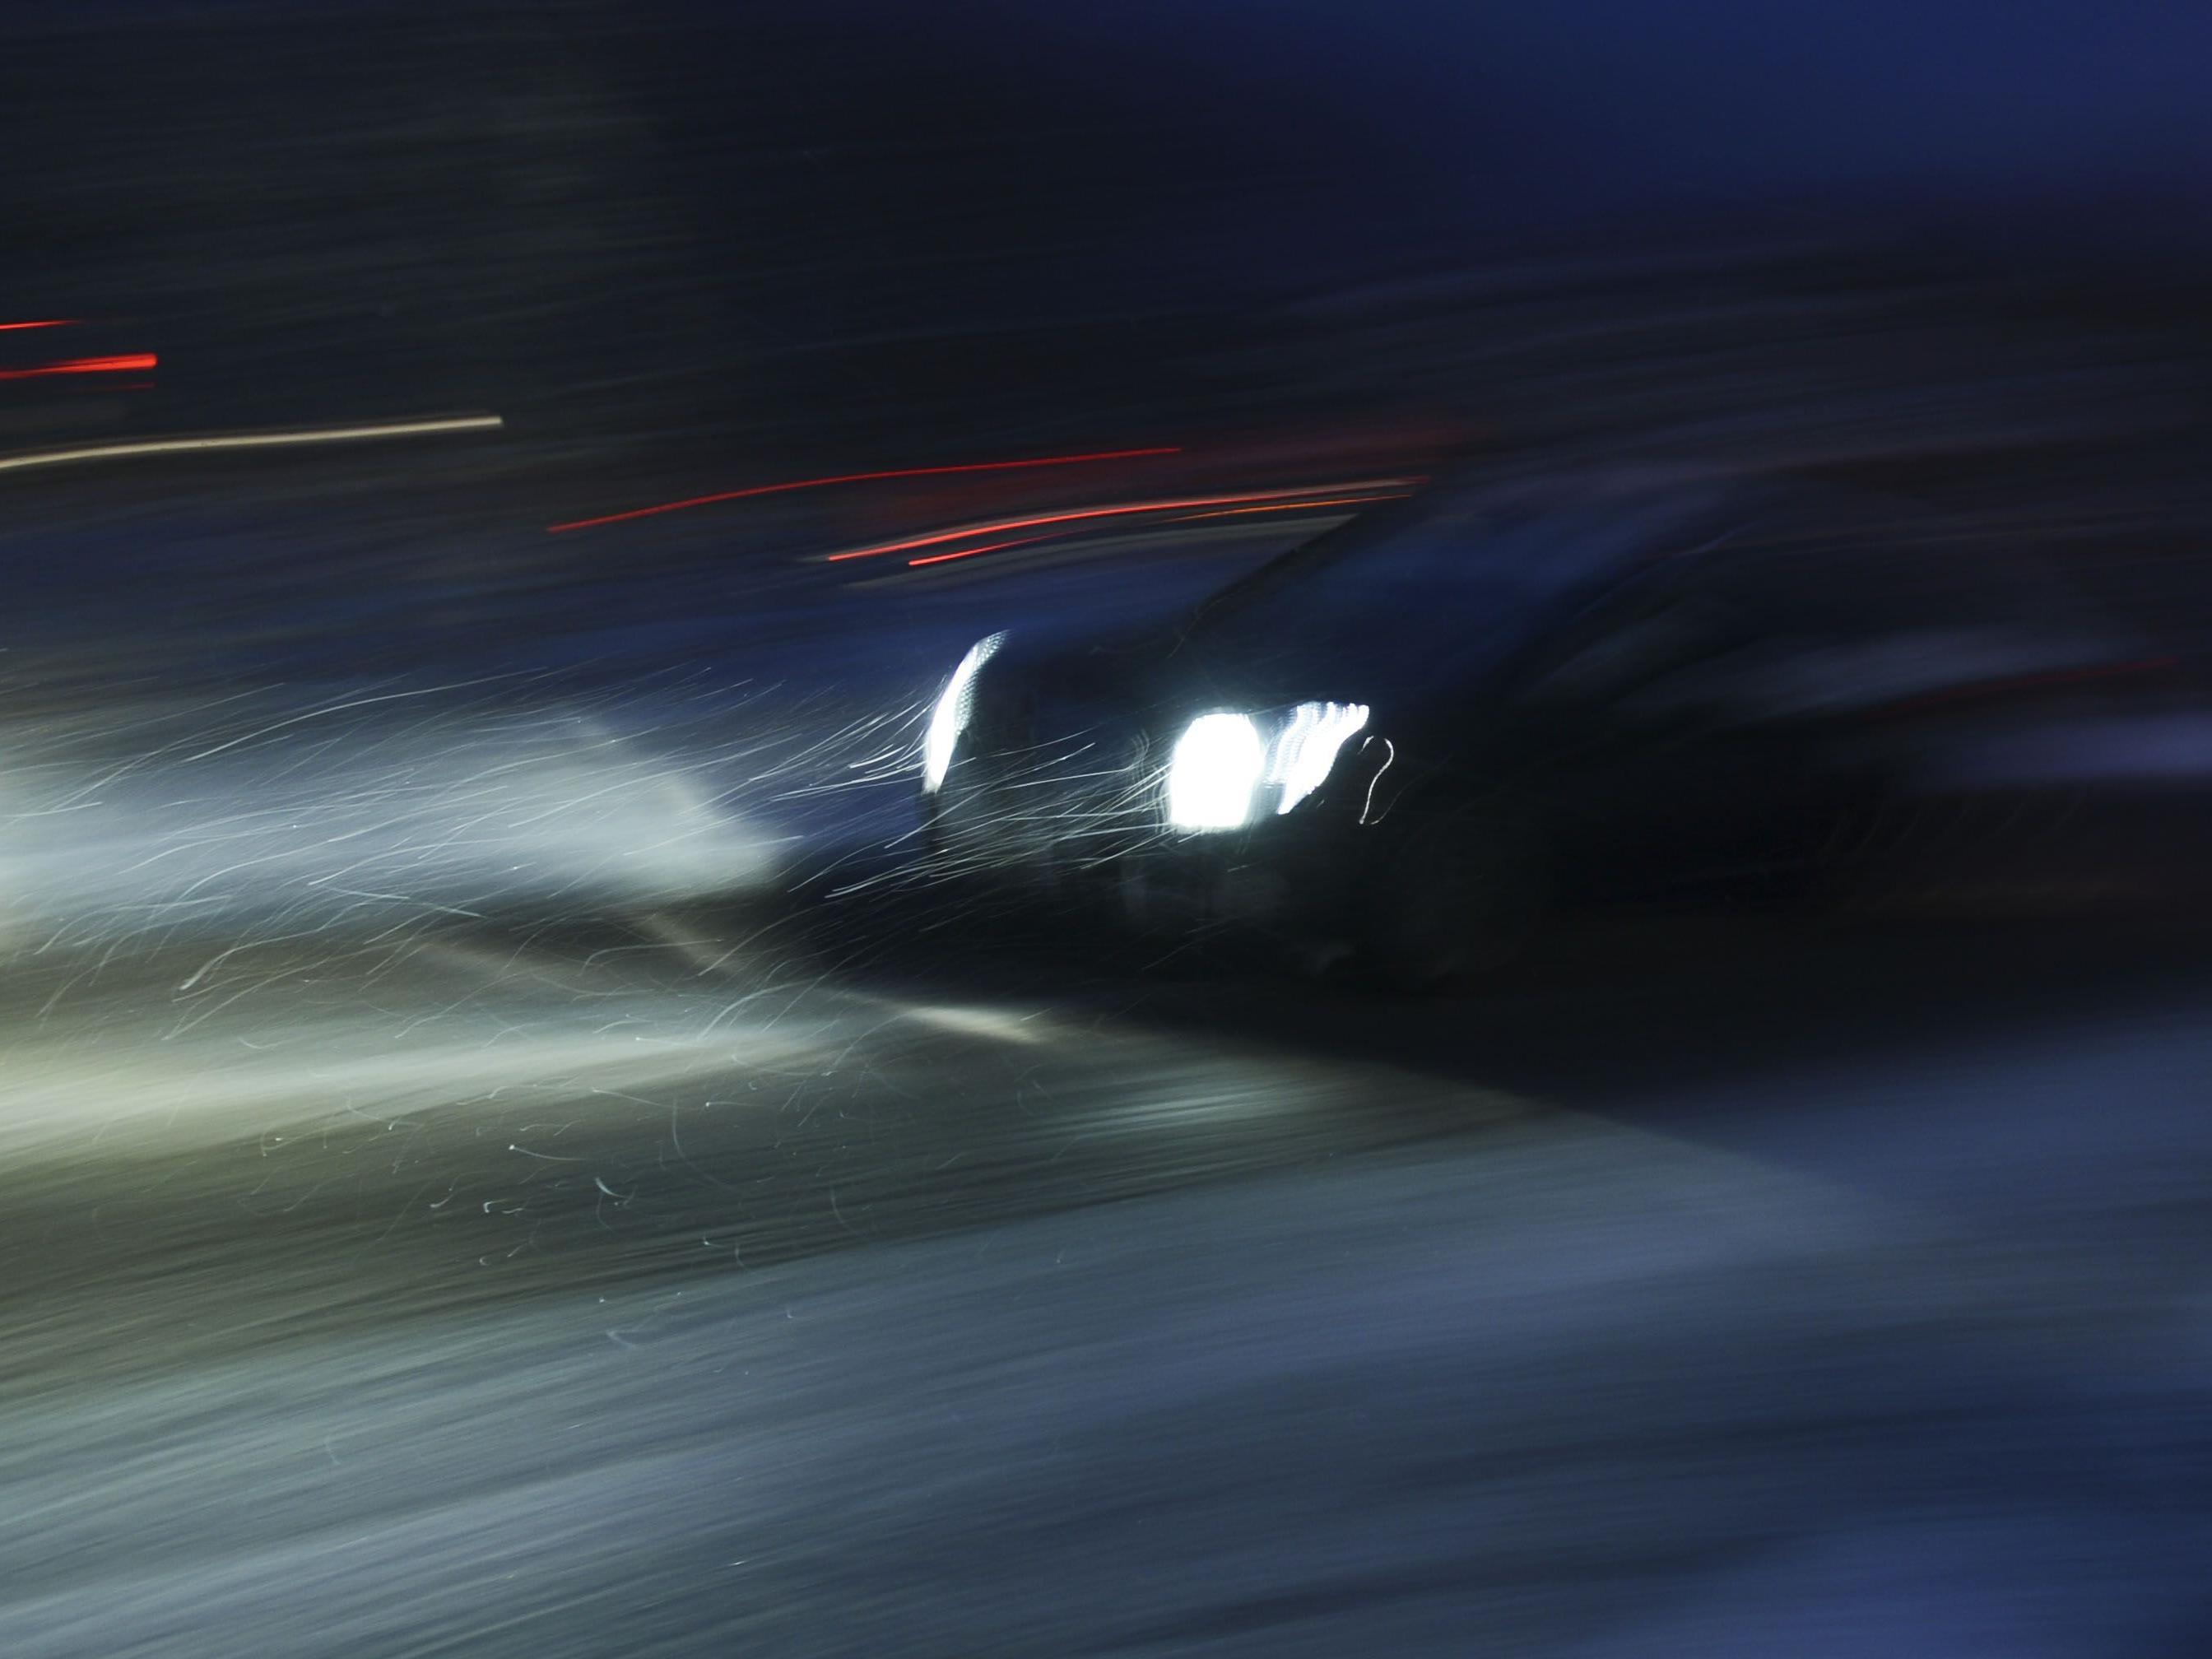 Nach einer Kontrolle flüchtete ein 51-Jähriger mit überhöhter Geschwindigkeit